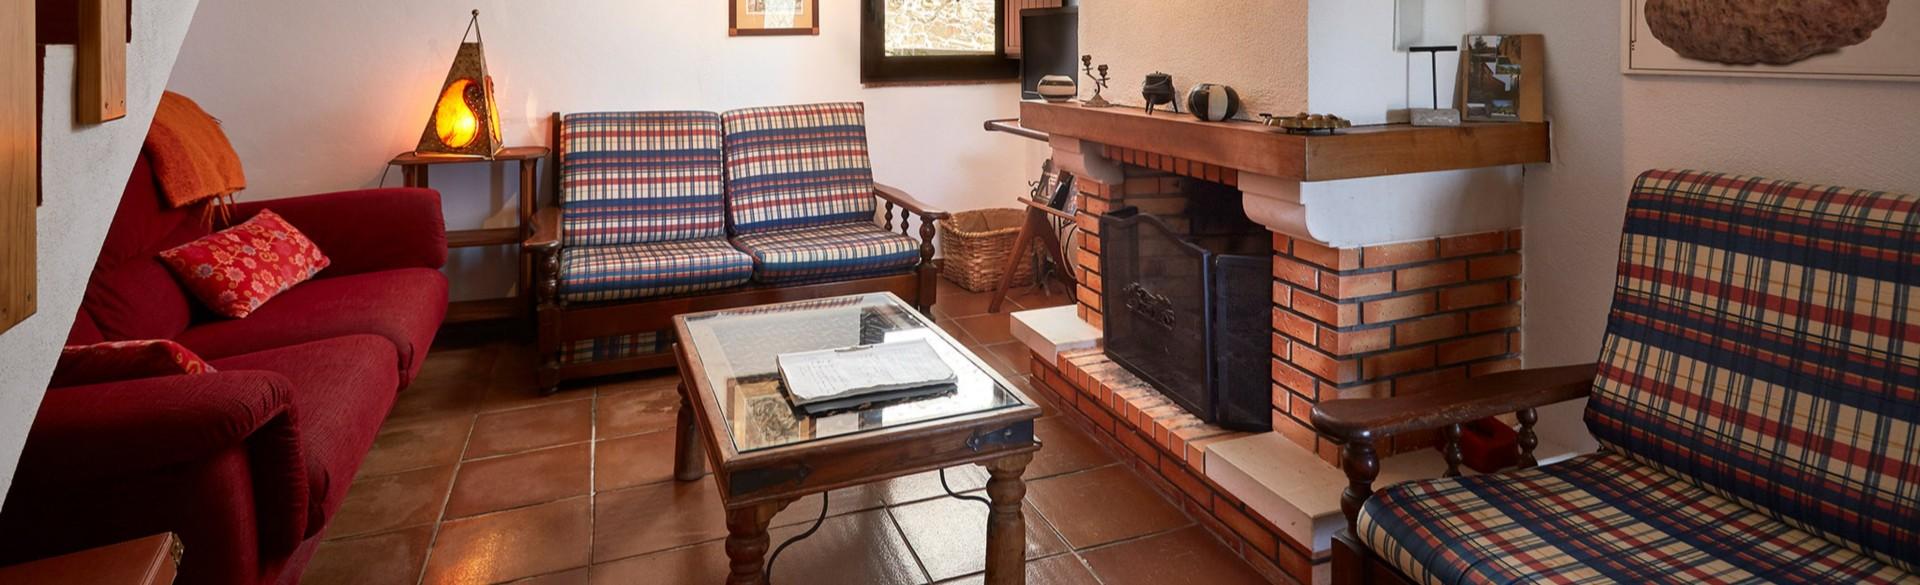 Casa da Pífara - Aldeia Oliveiras